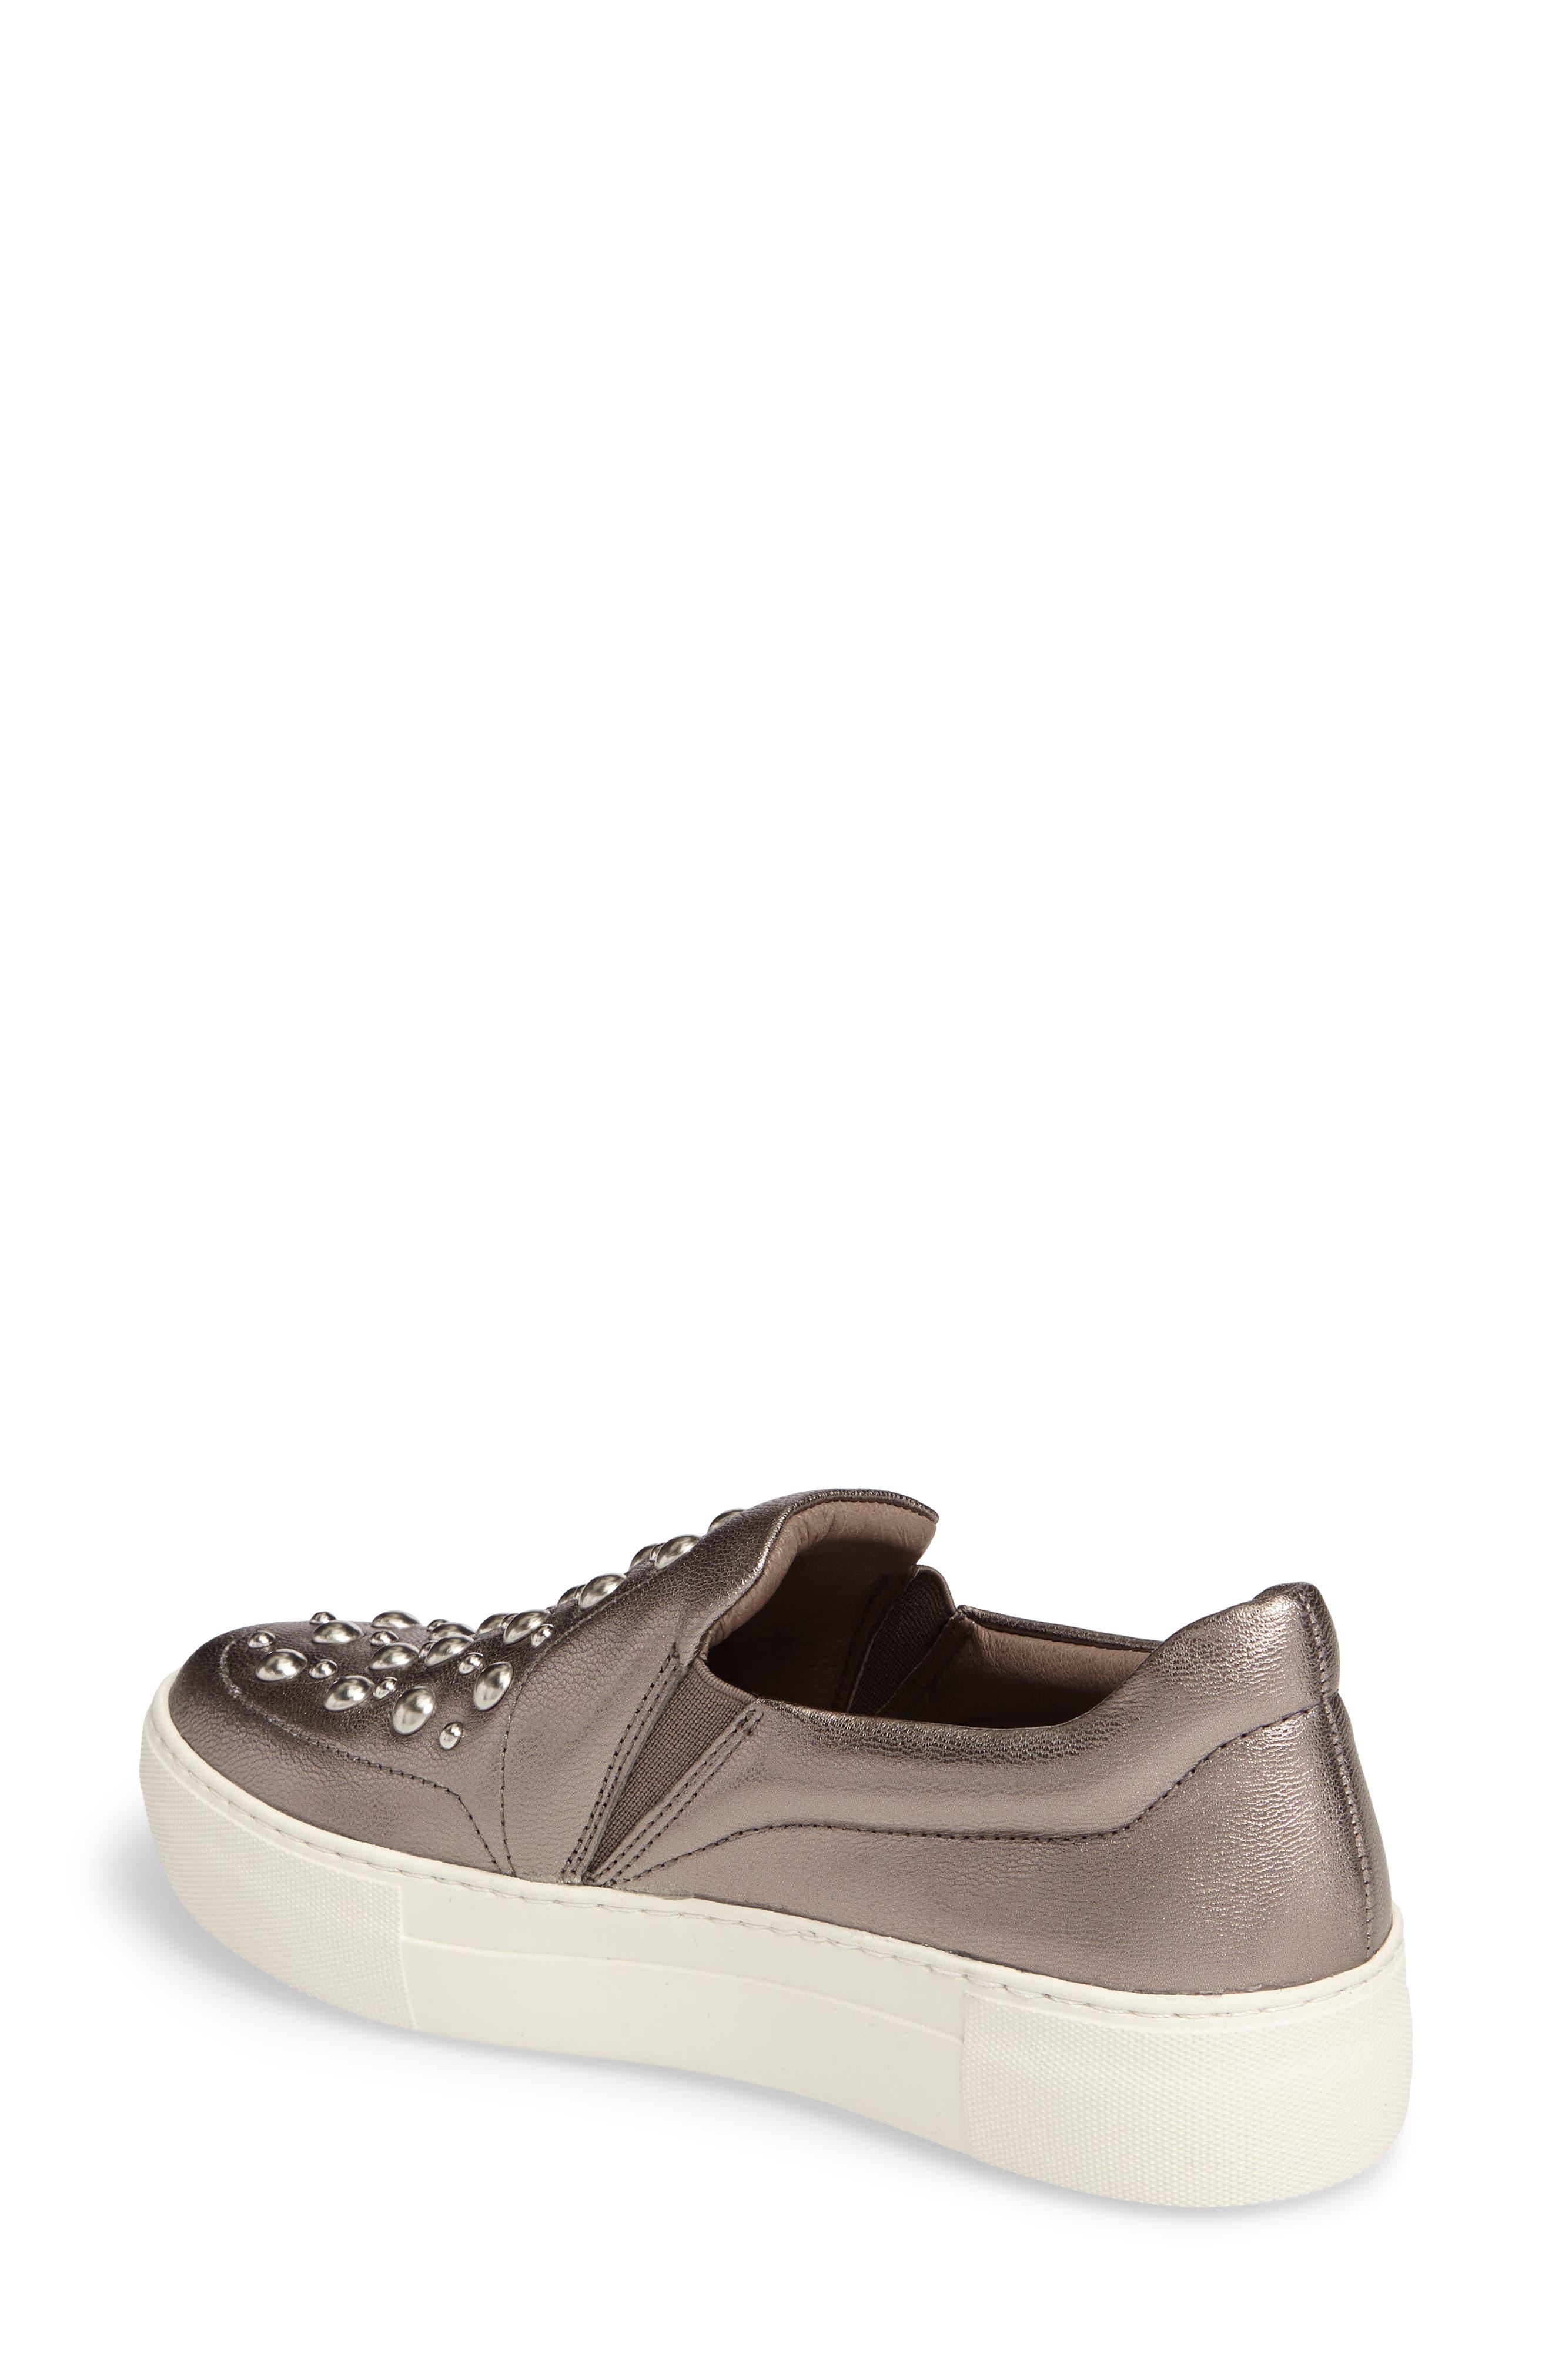 Atom Slip-On Platform Sneaker,                             Alternate thumbnail 2, color,                             Pewter Leather